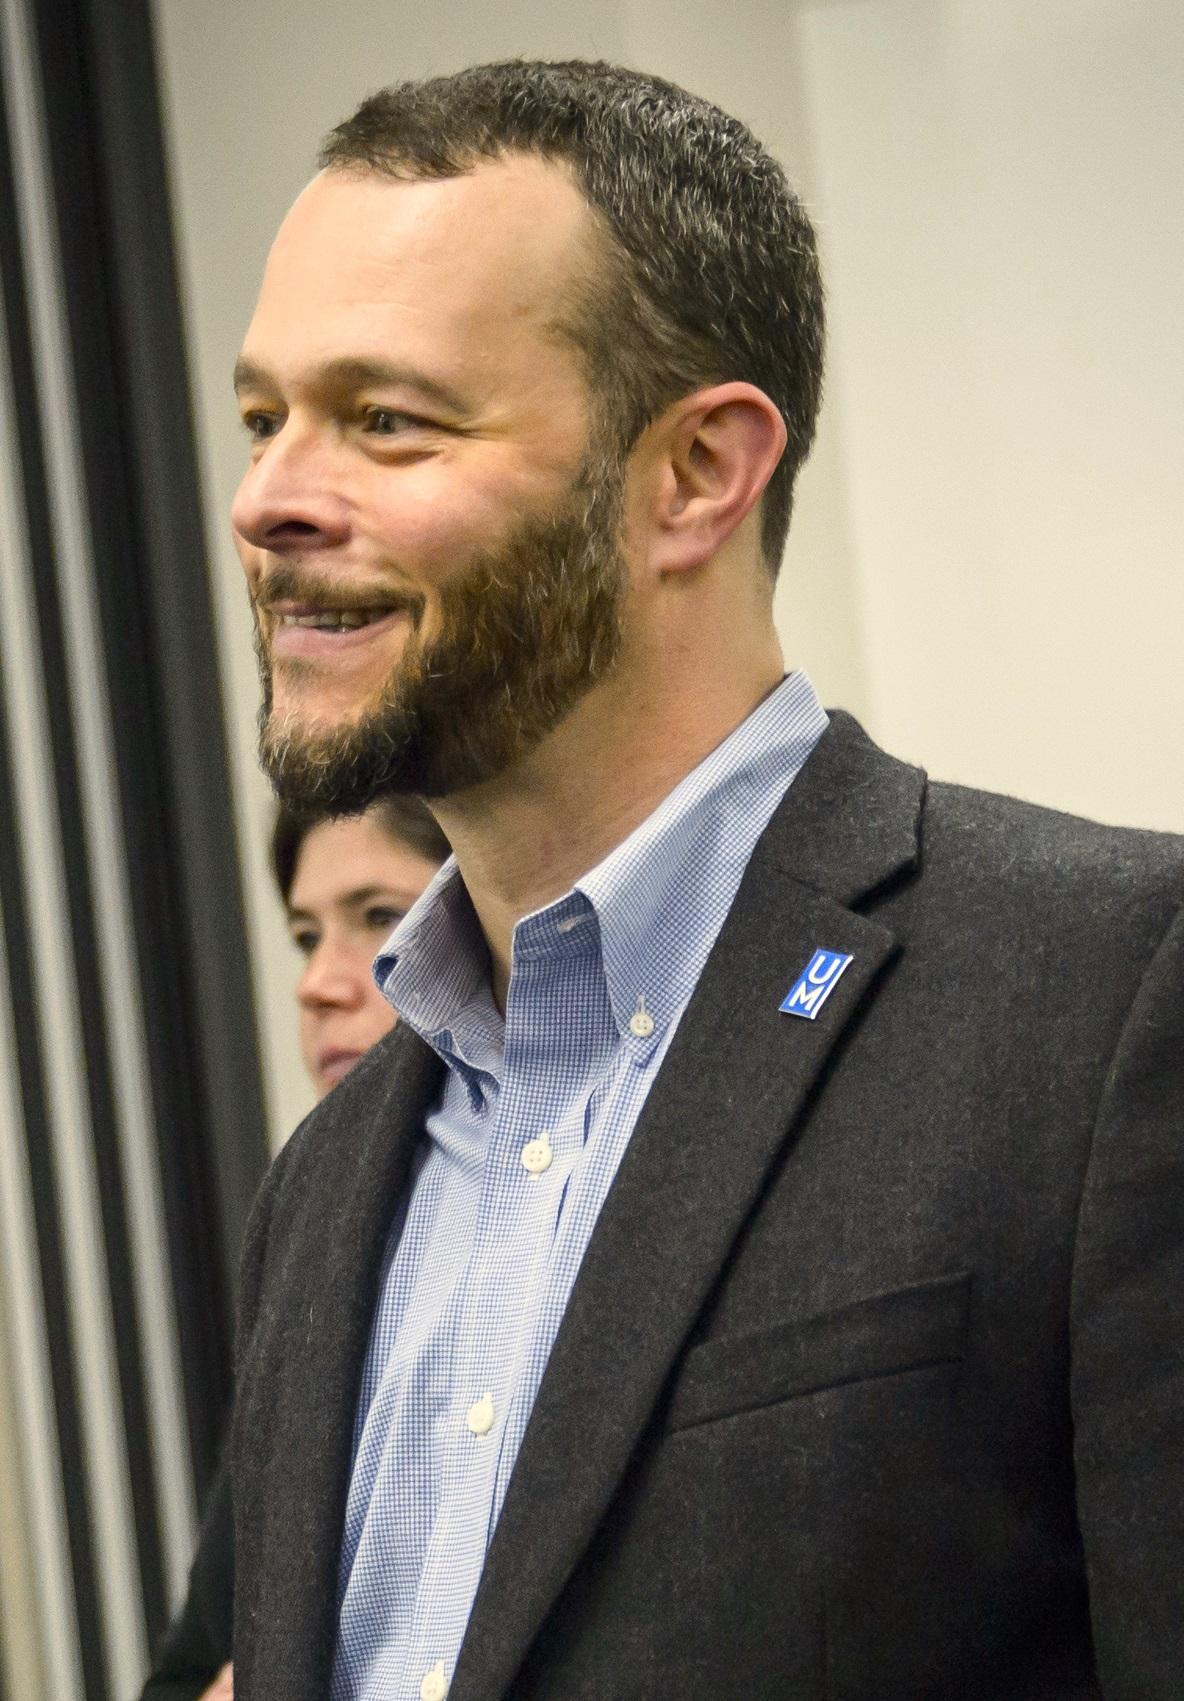 Prof. de Velasco